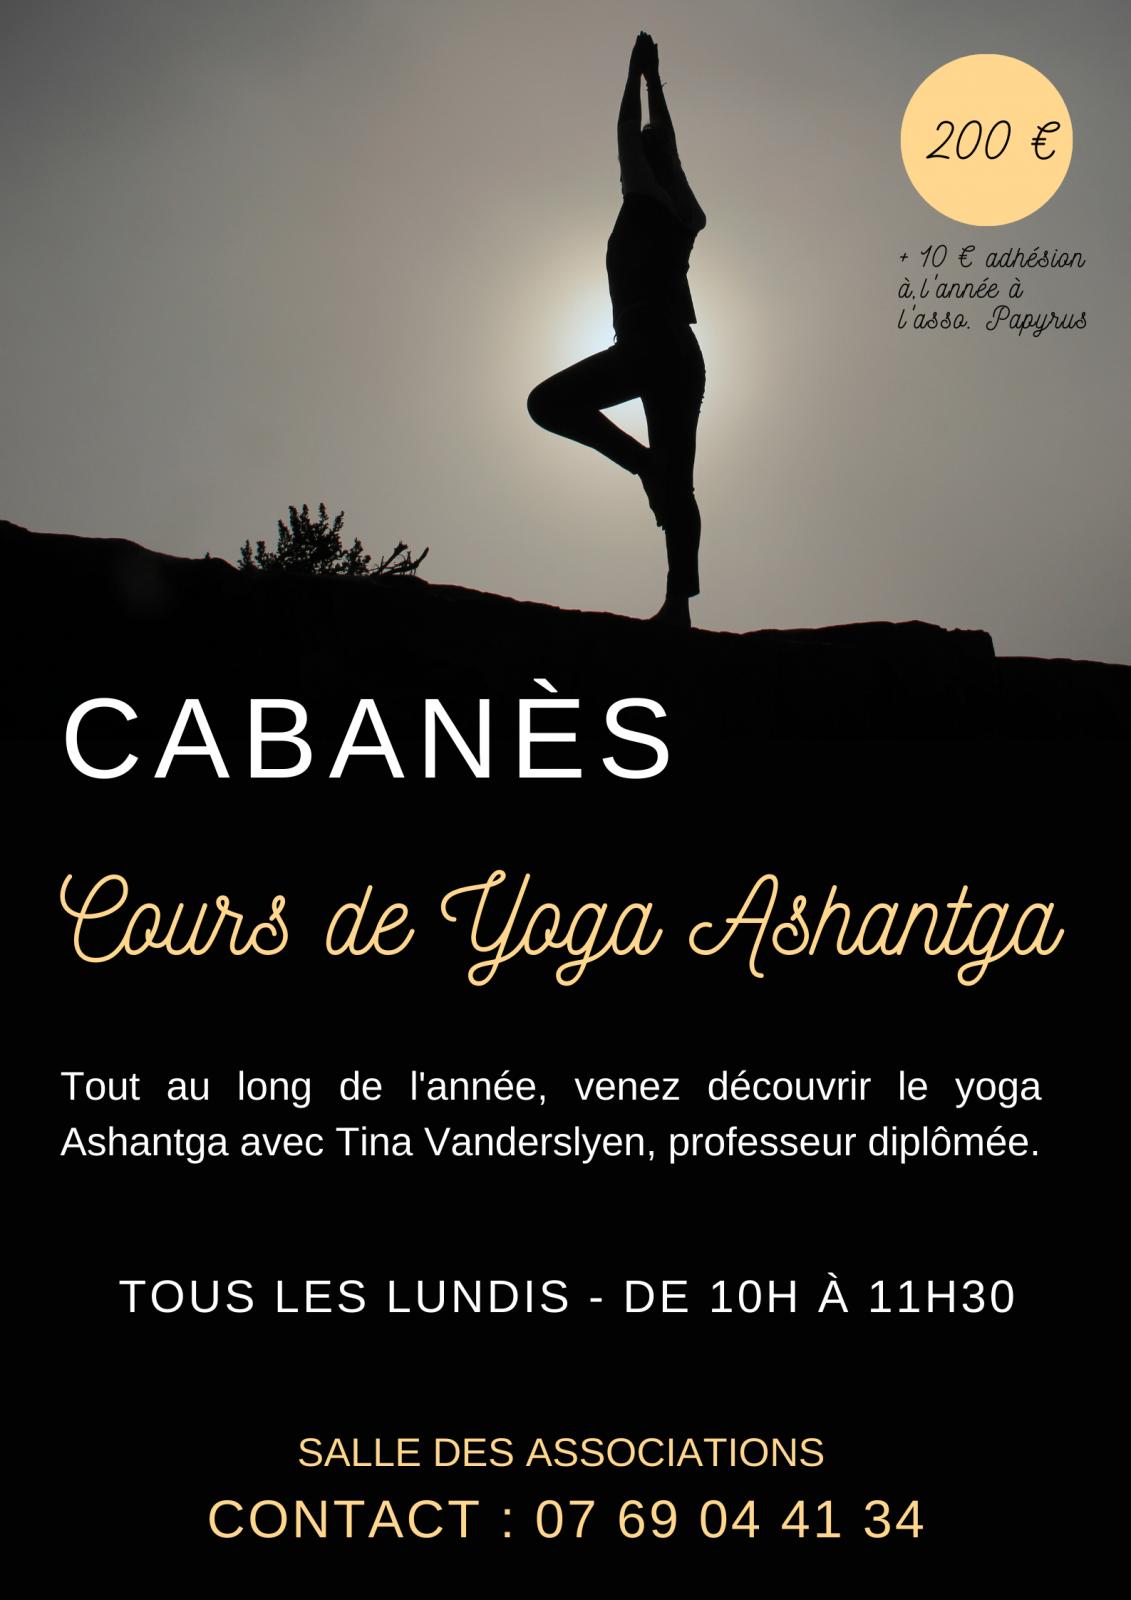 Yoga à Cabanès